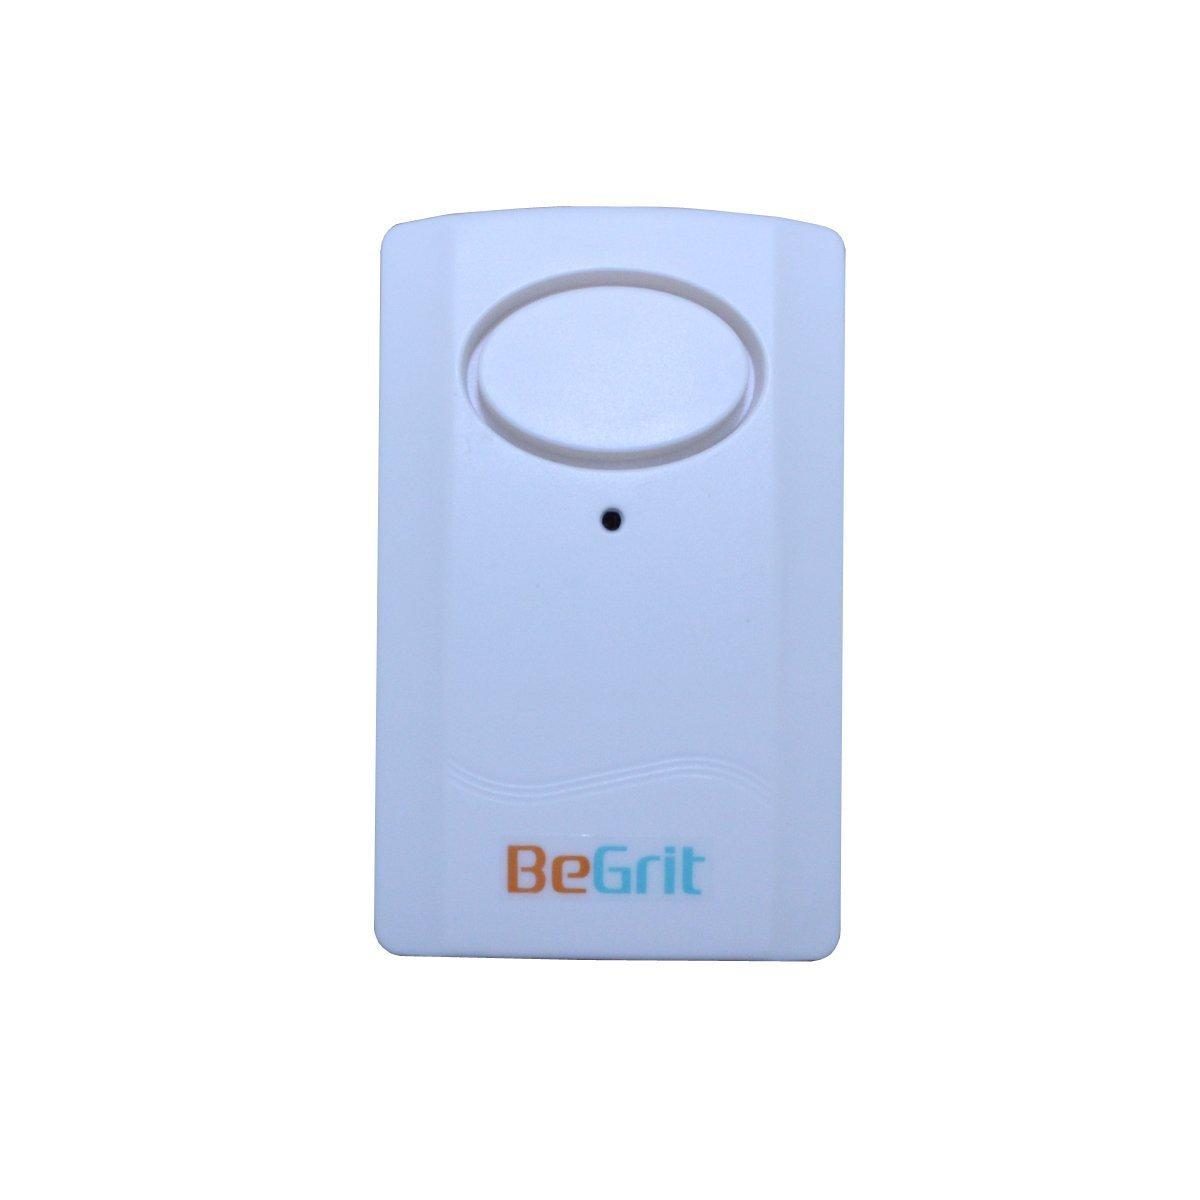 BeGrit Sicherheit Auffahrt Alarm: Amazon.de: Elektronik